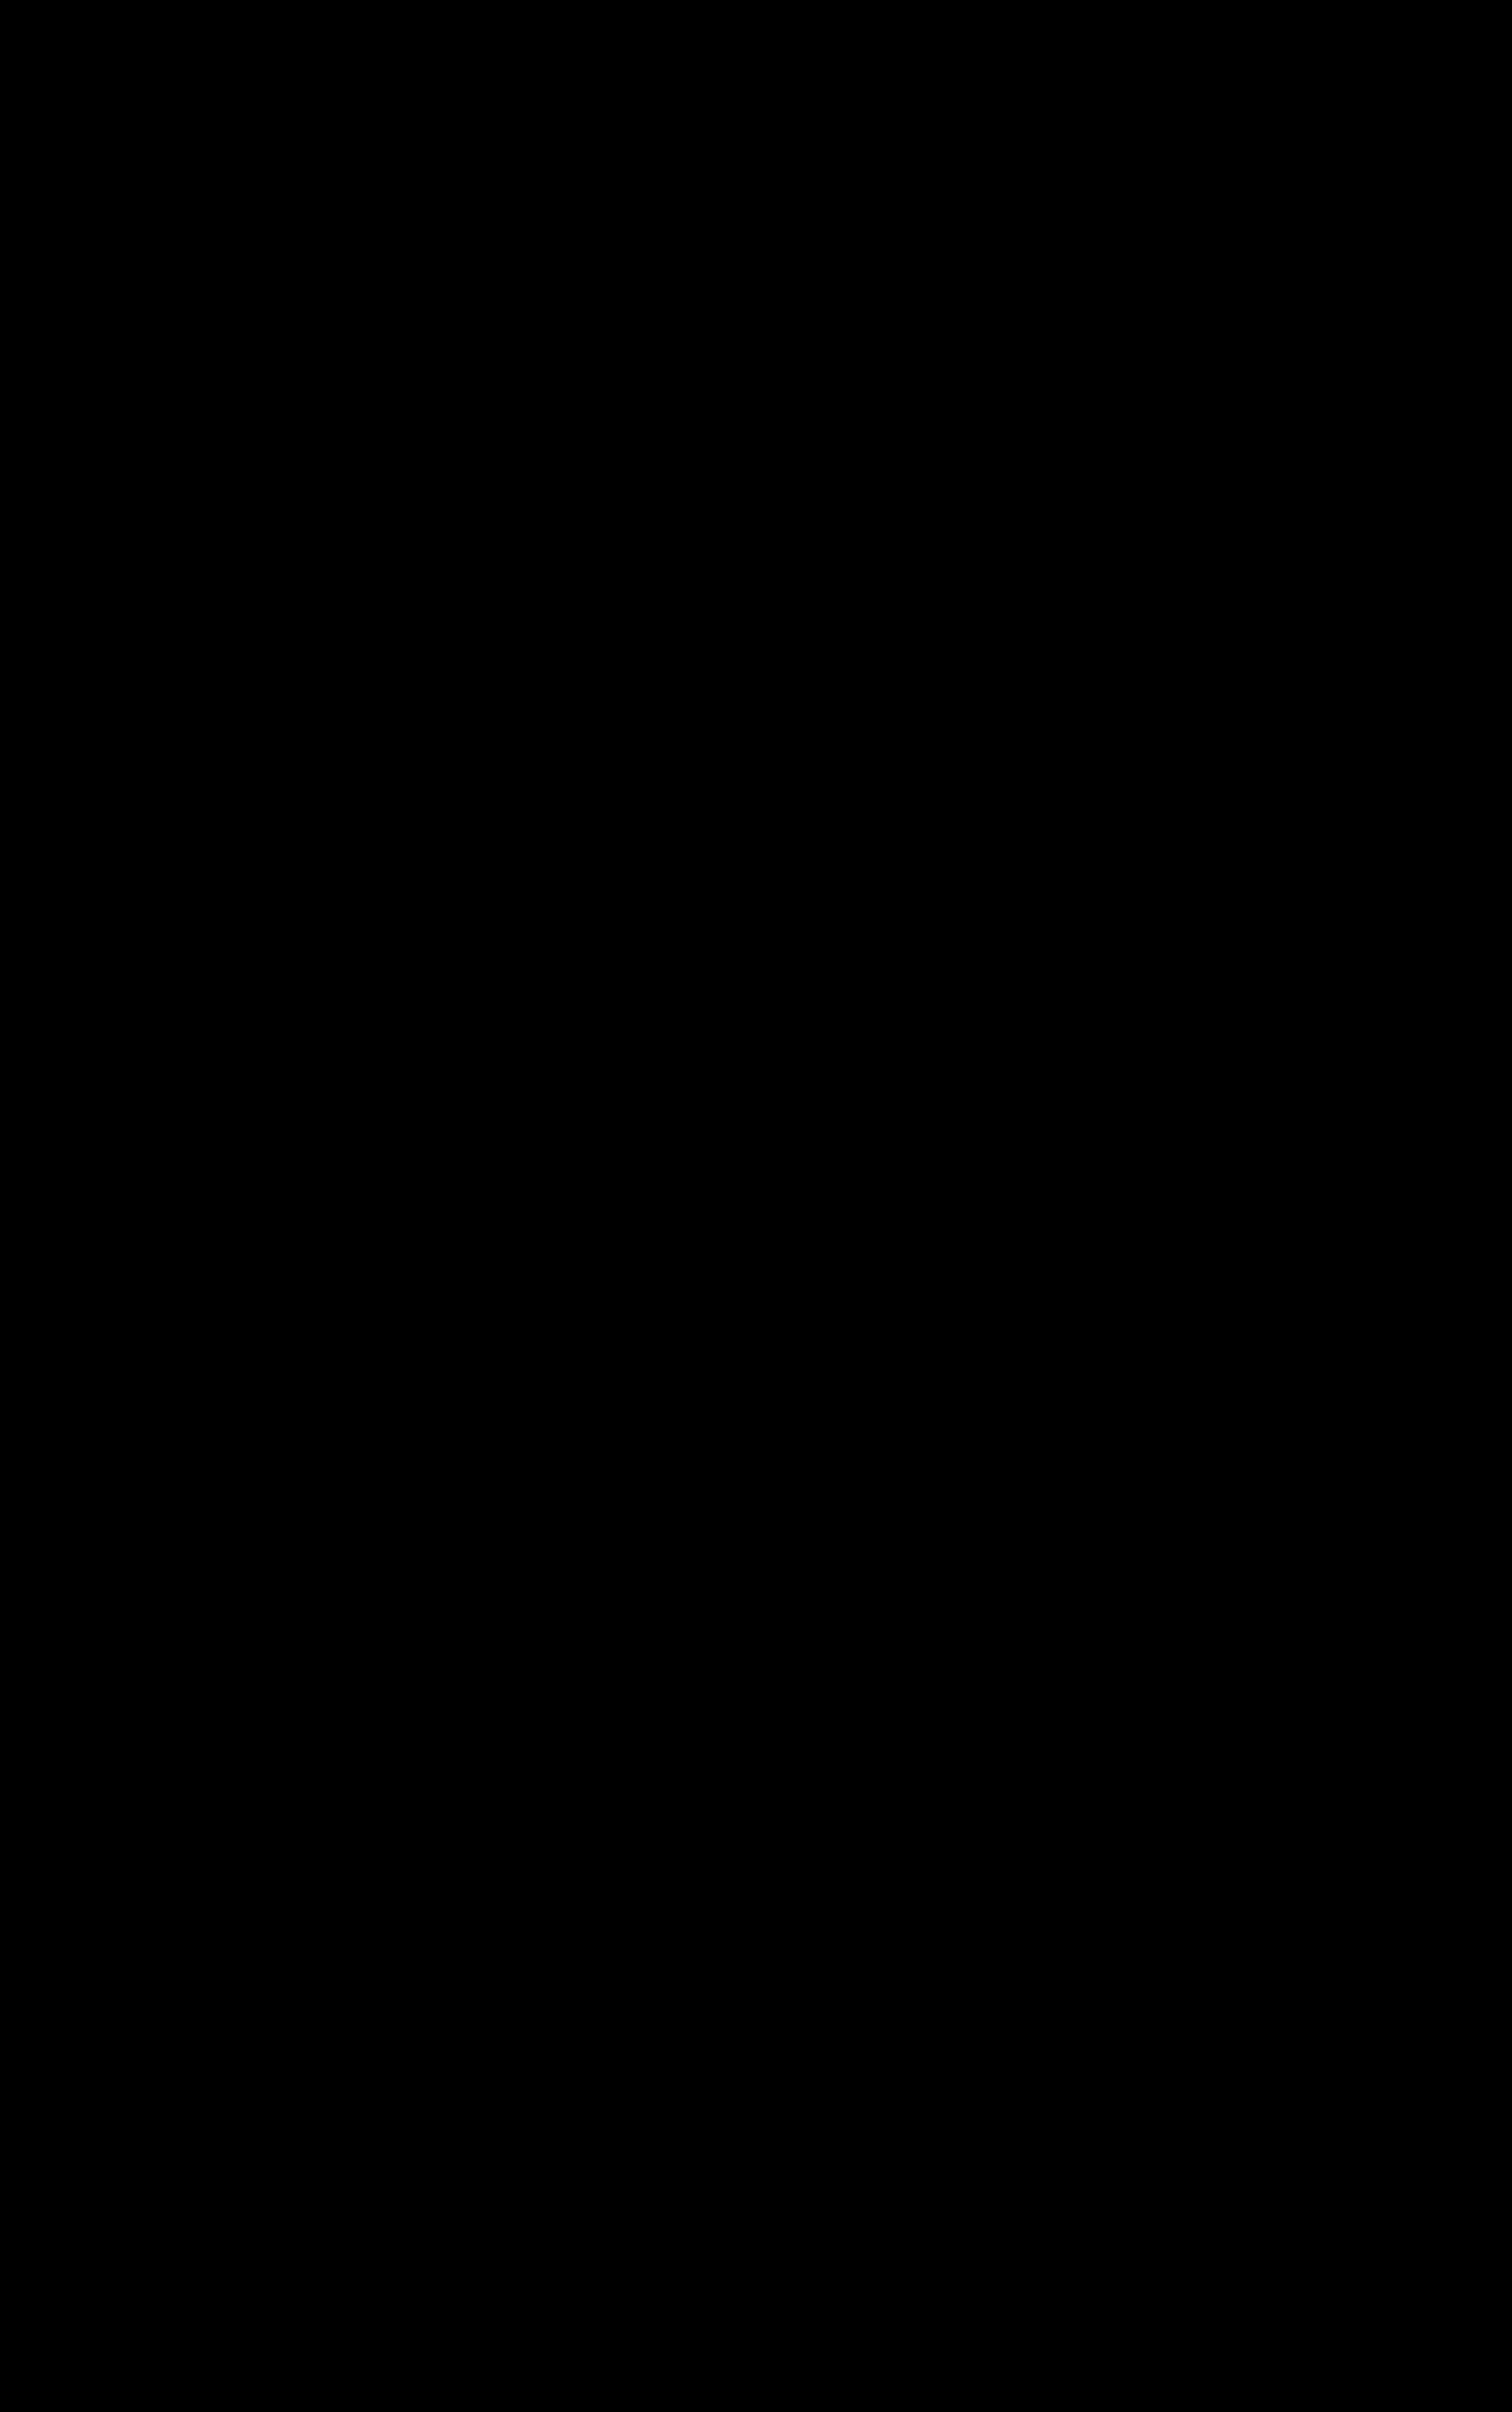 Plus Basic Stone & Camel Cycle Short 2 Pack 6